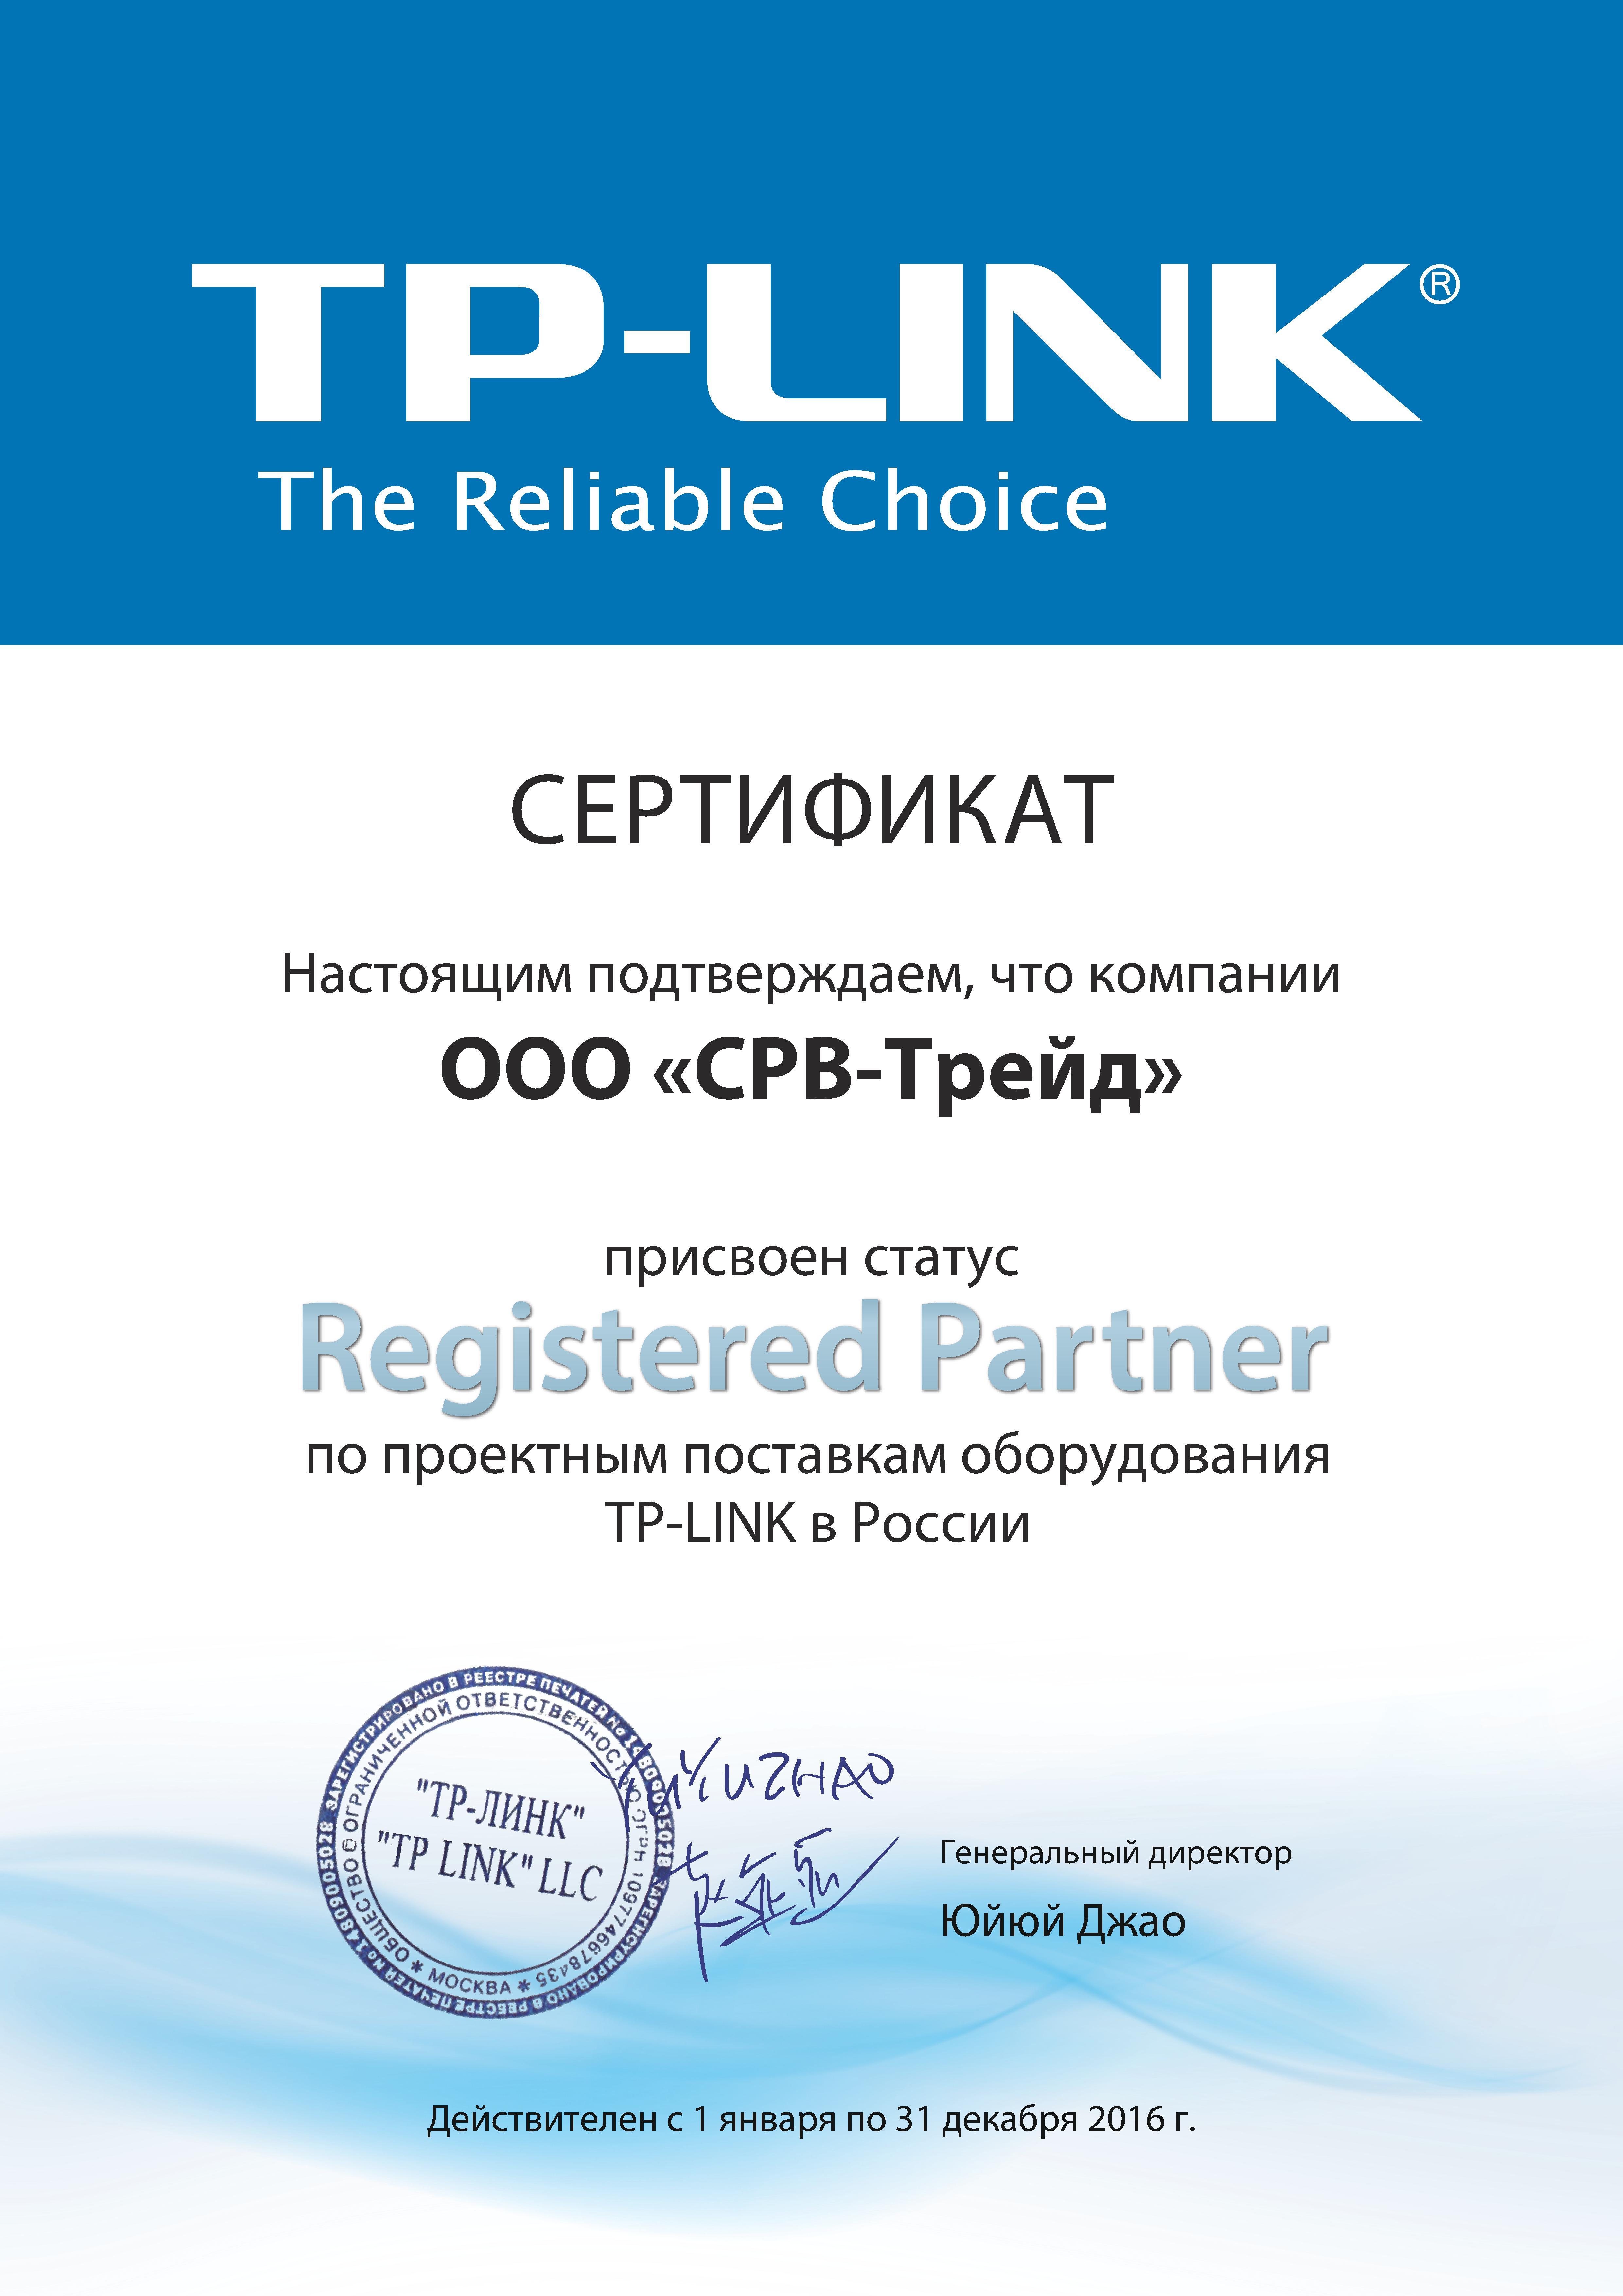 Сертификат SRV-TRADE как партнера TP-LINK